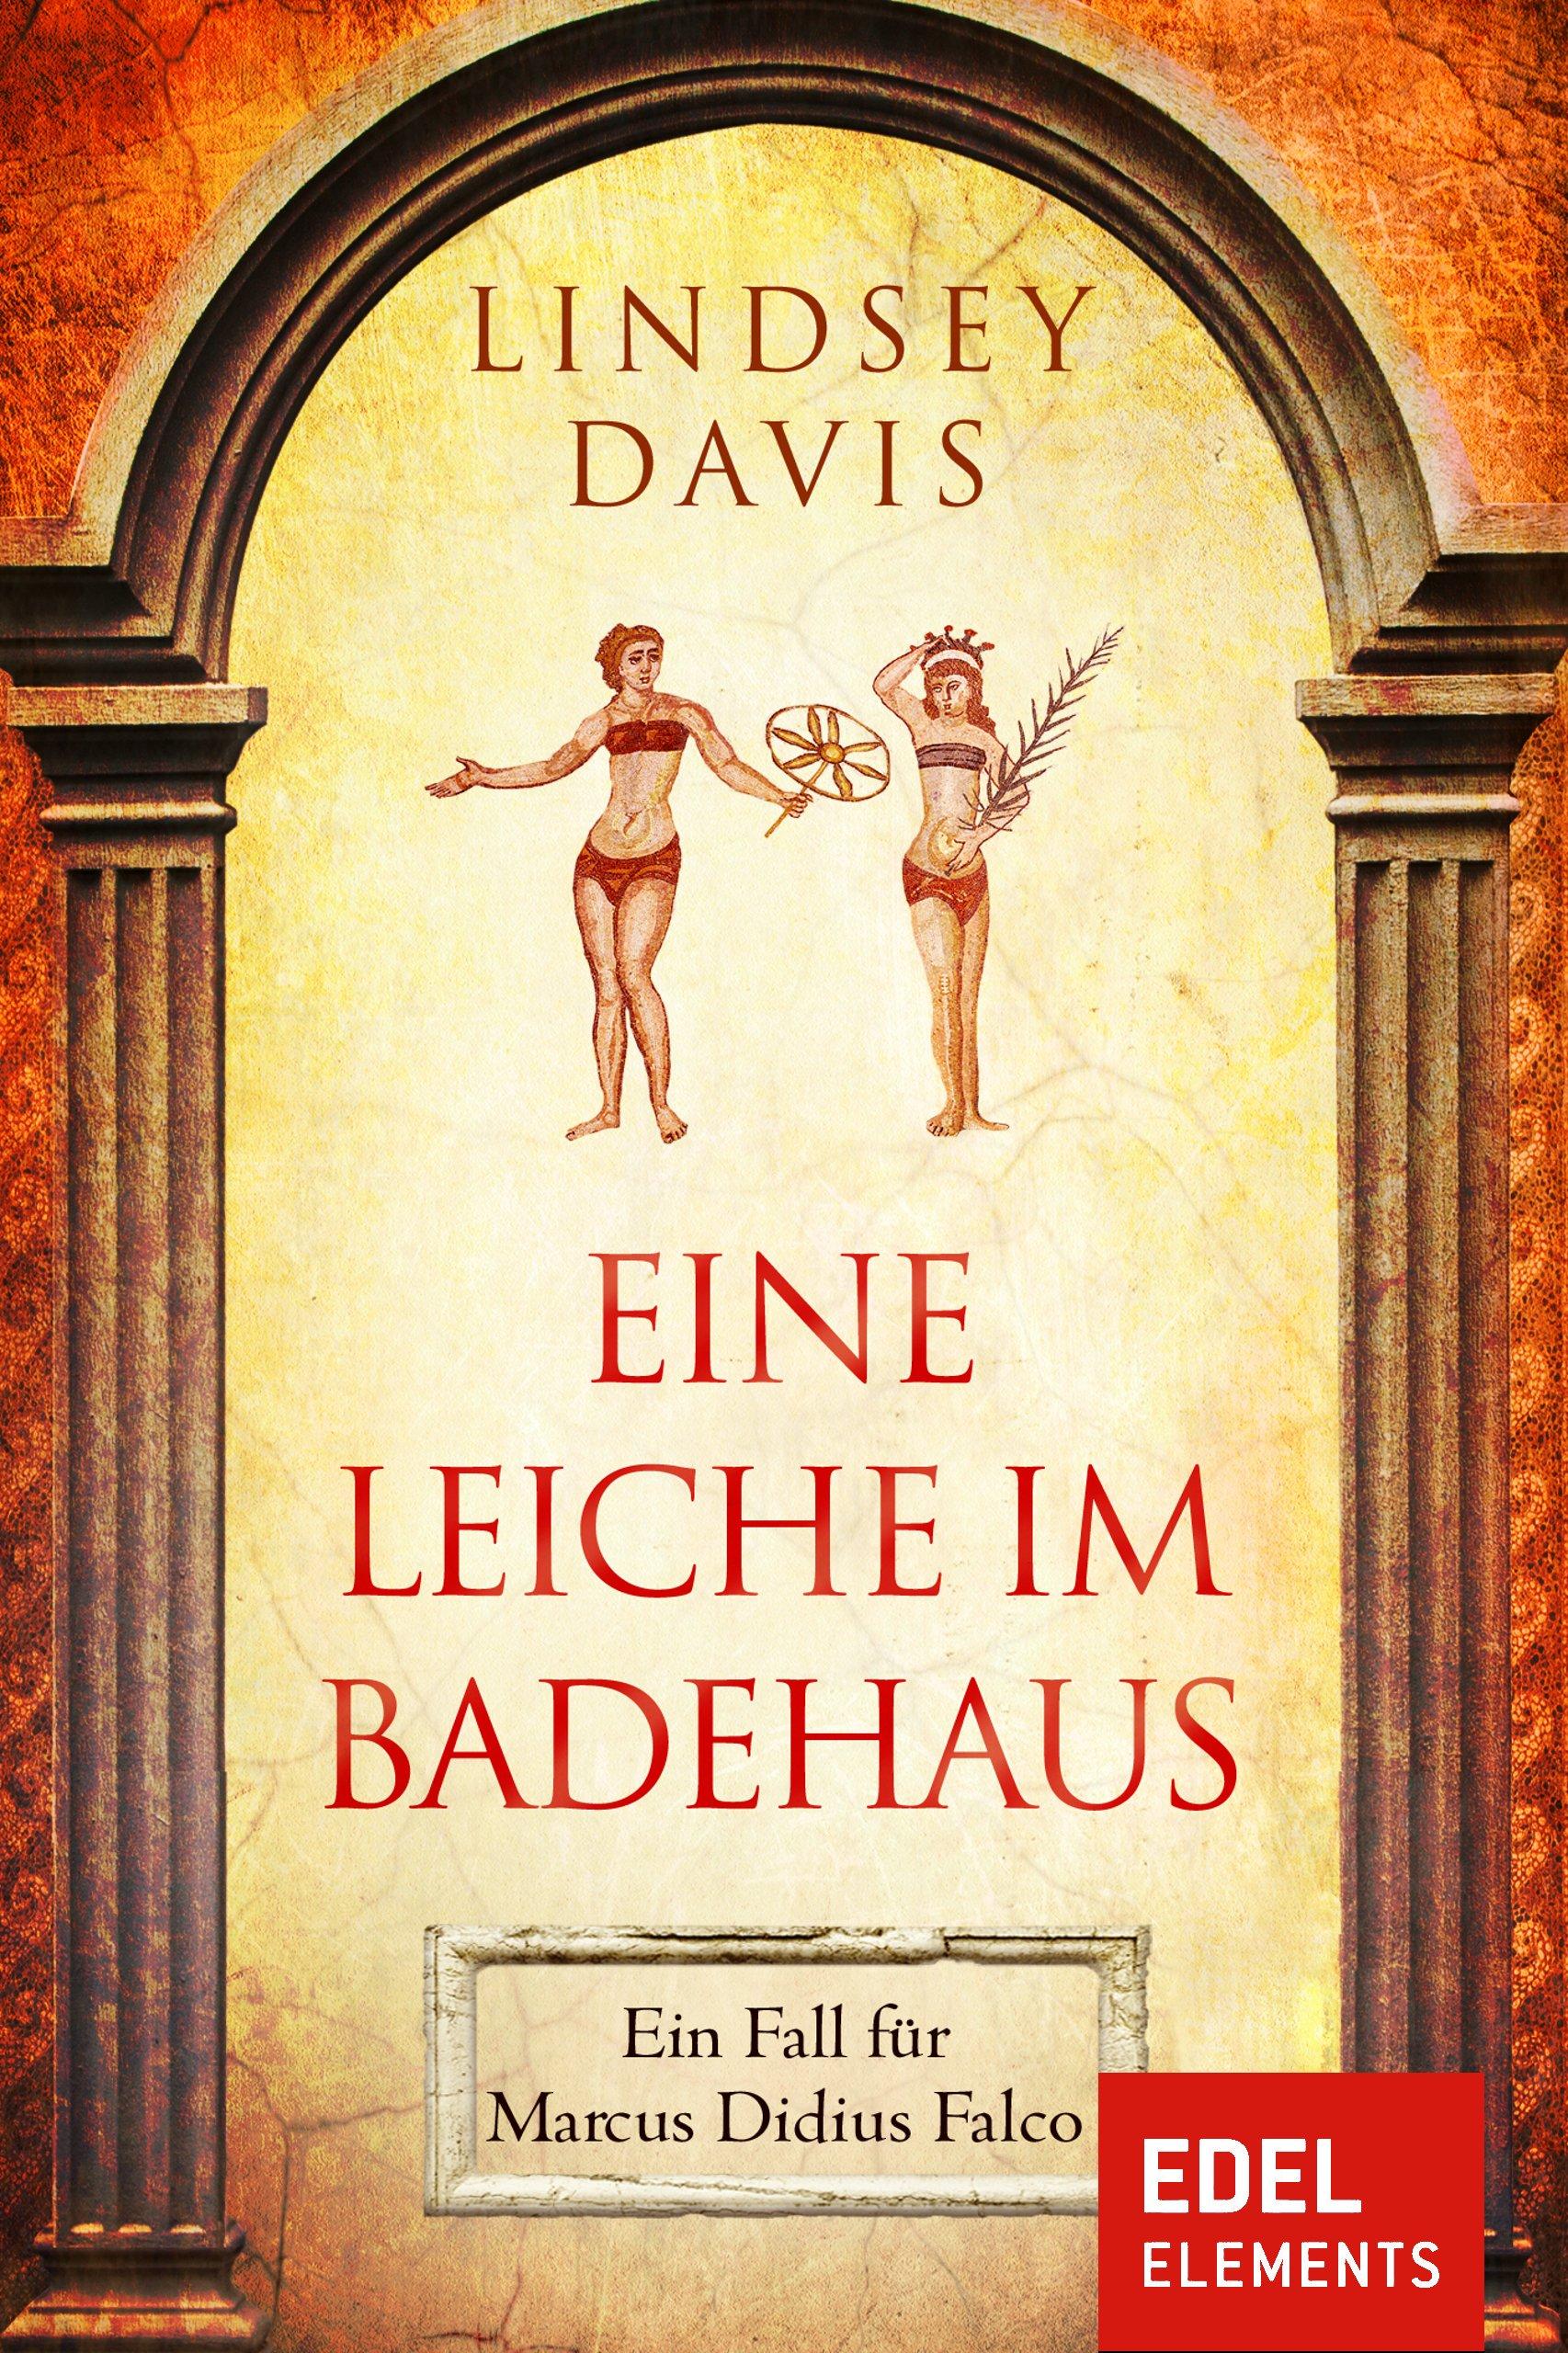 Eine Leiche im Badehaus: Ein Fall für Marcus Didius Falco (German Edition) por Lindsey Davis